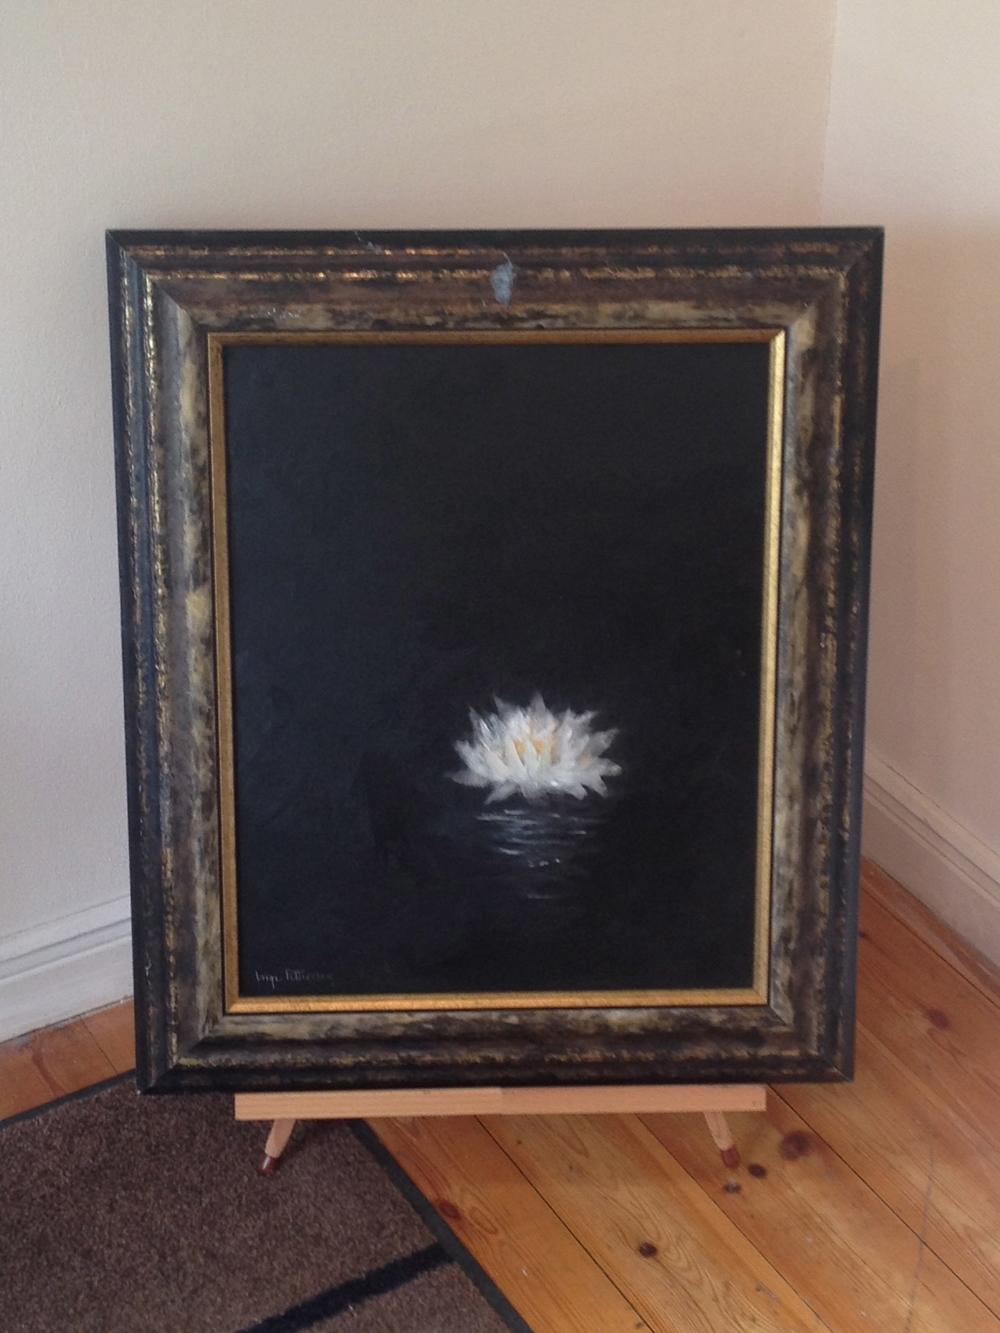 Den här målningen med en vit näckros på svart bakgrund hade jag gärna tagit med hem!   Foto:  Palatsliv